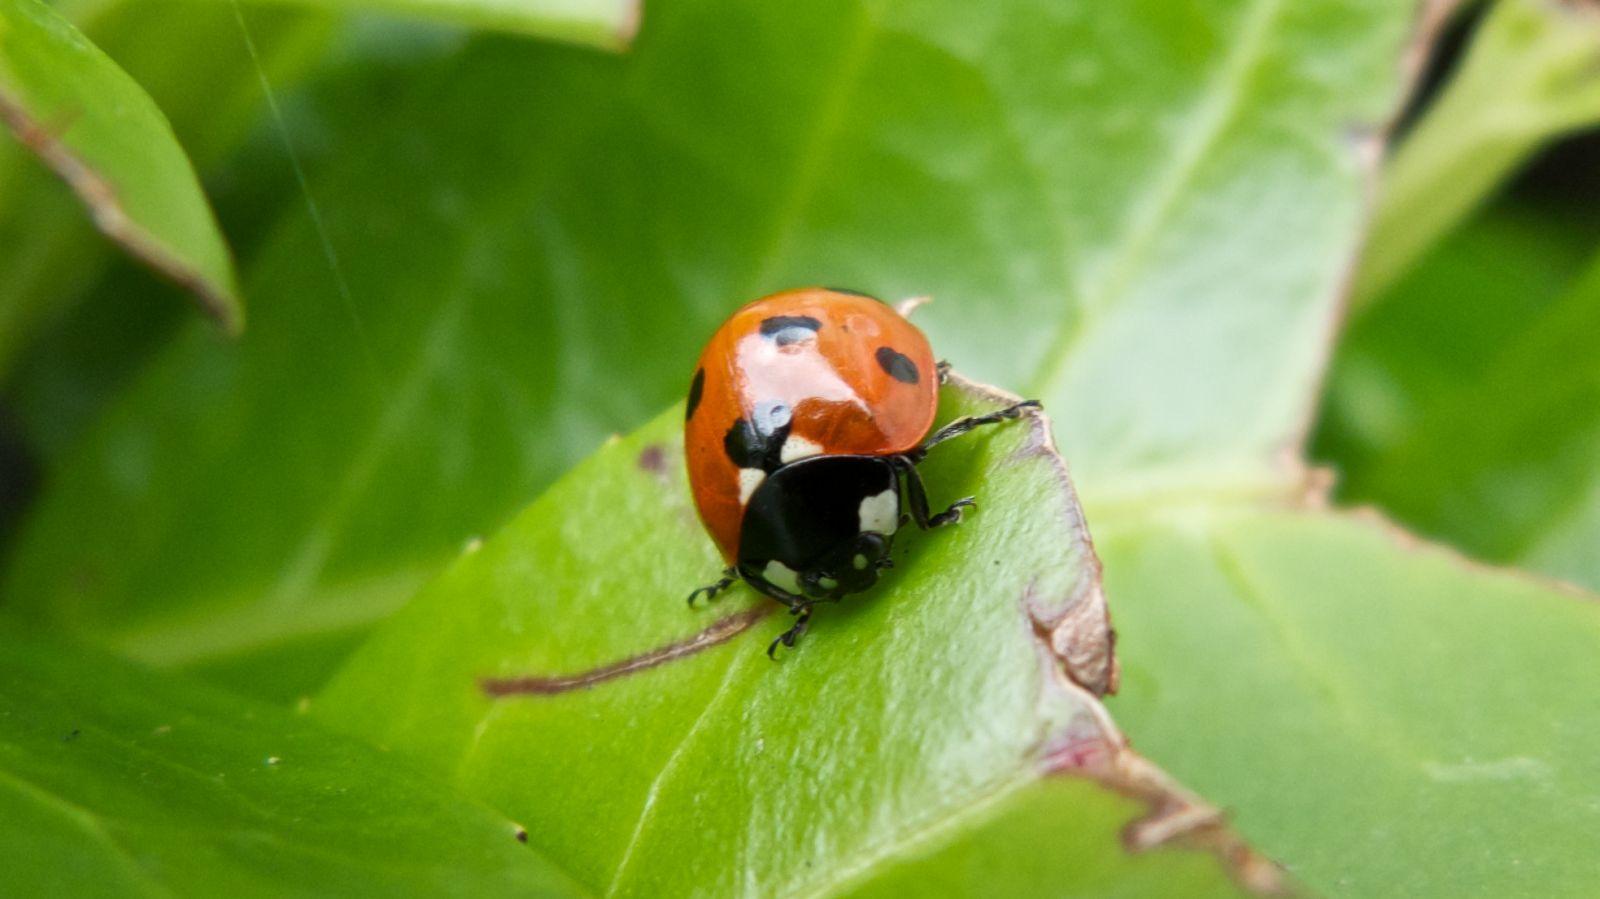 Ladybird Species In Ireland